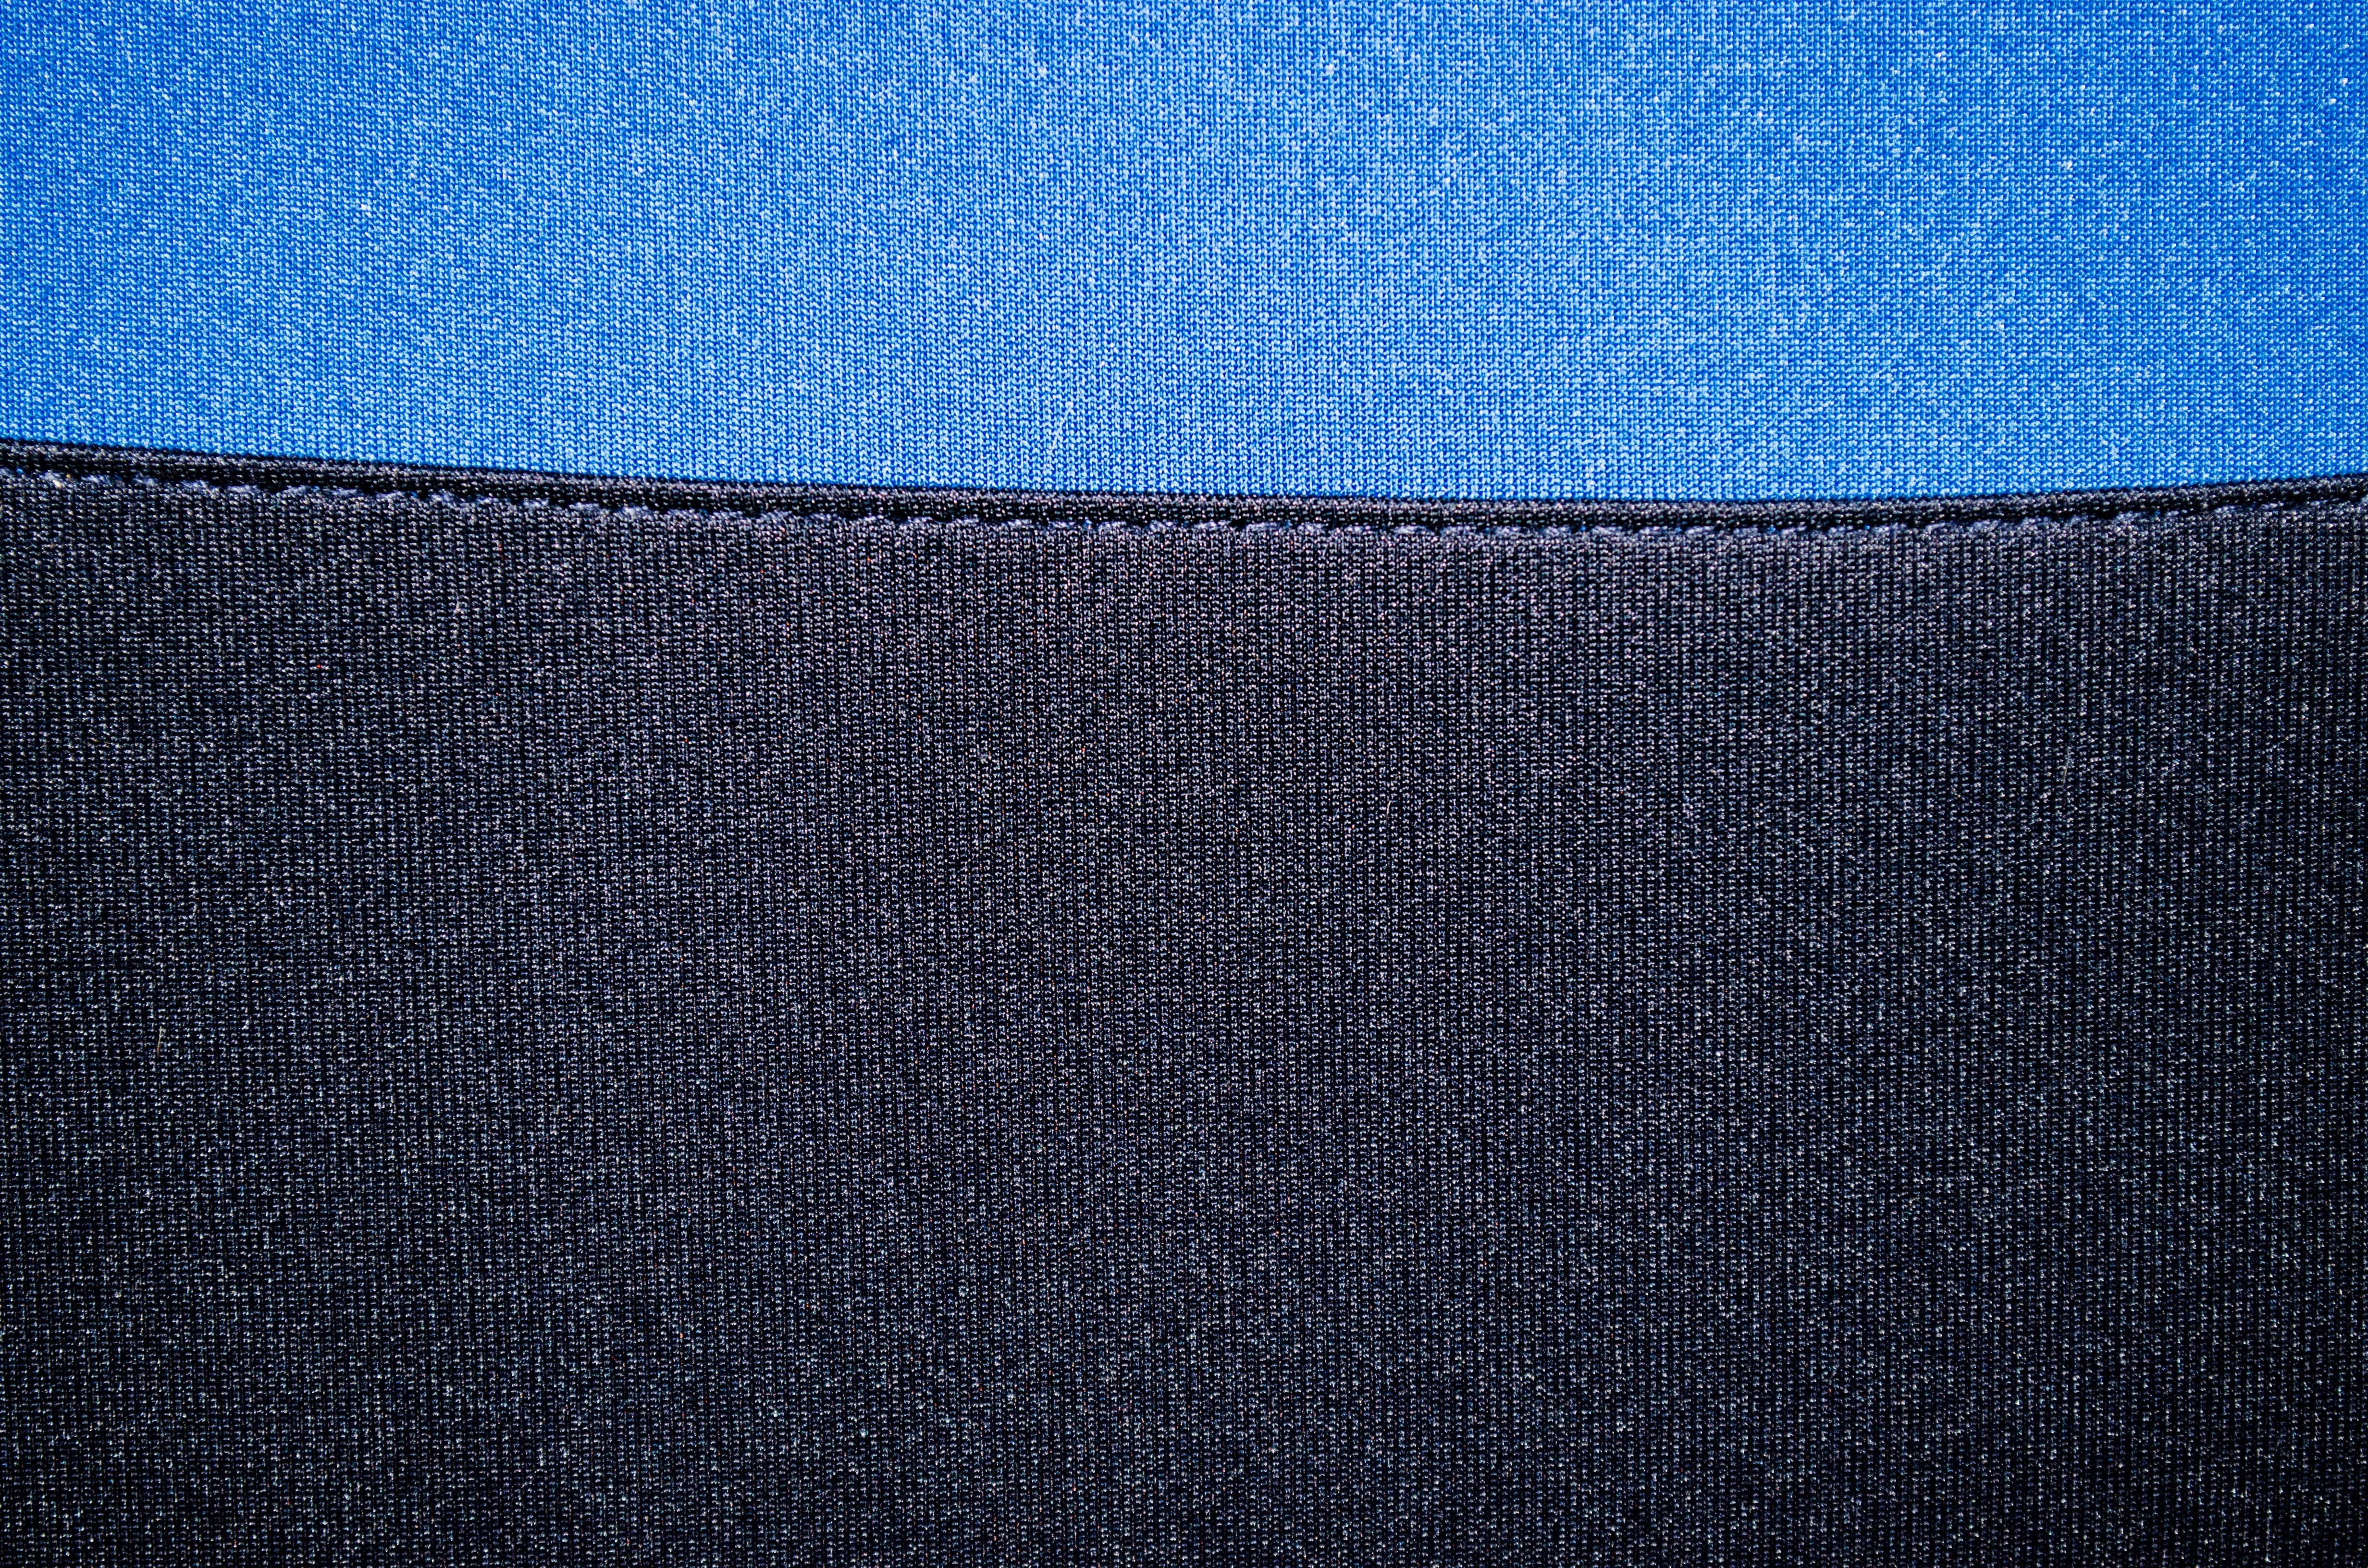 Kostenlose foto : Textur, Muster, blau, Kleidung, schwarz ...